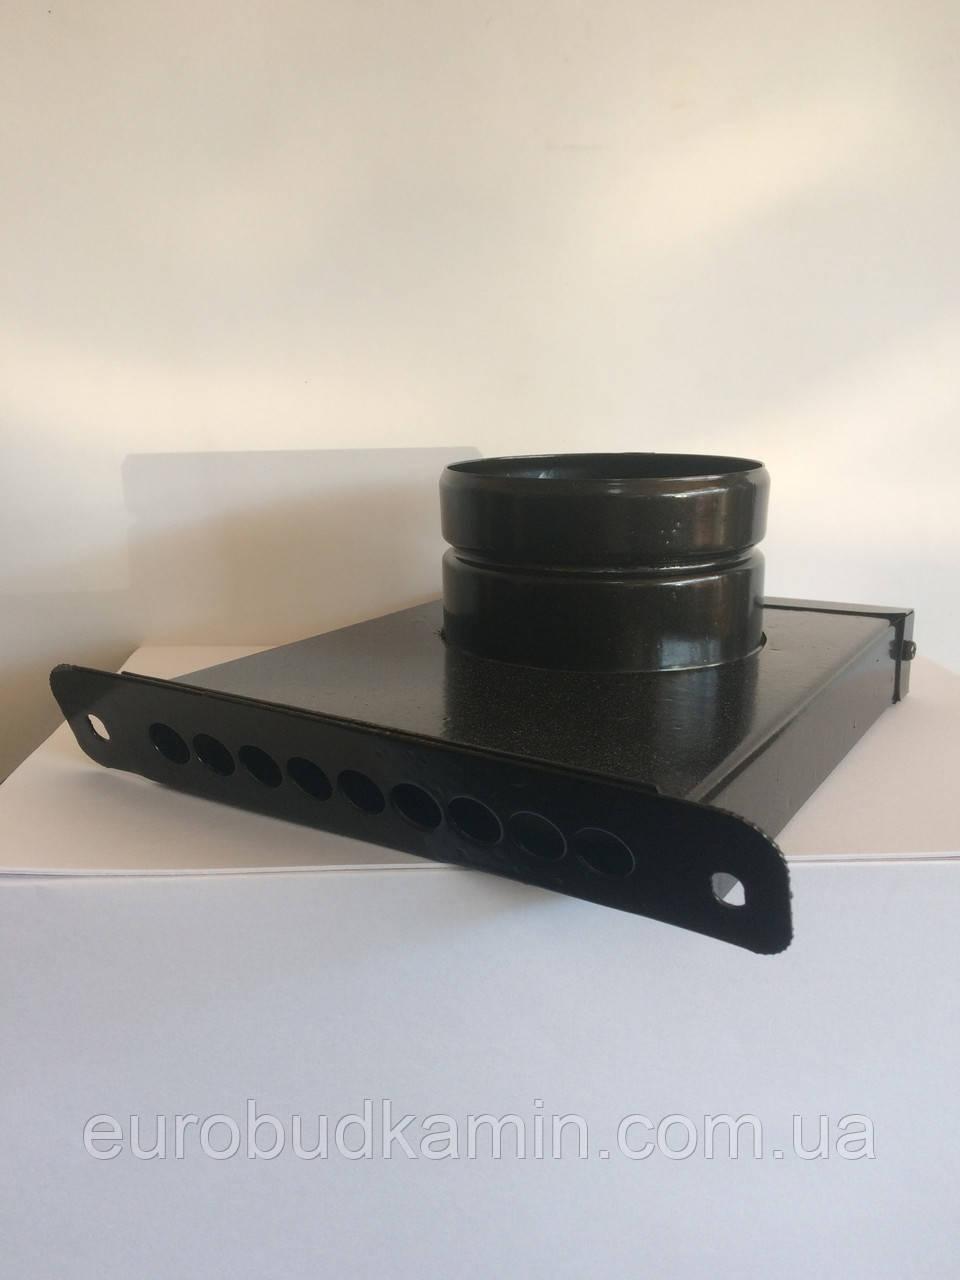 Долот - переходник для подвода воздуха Kratki